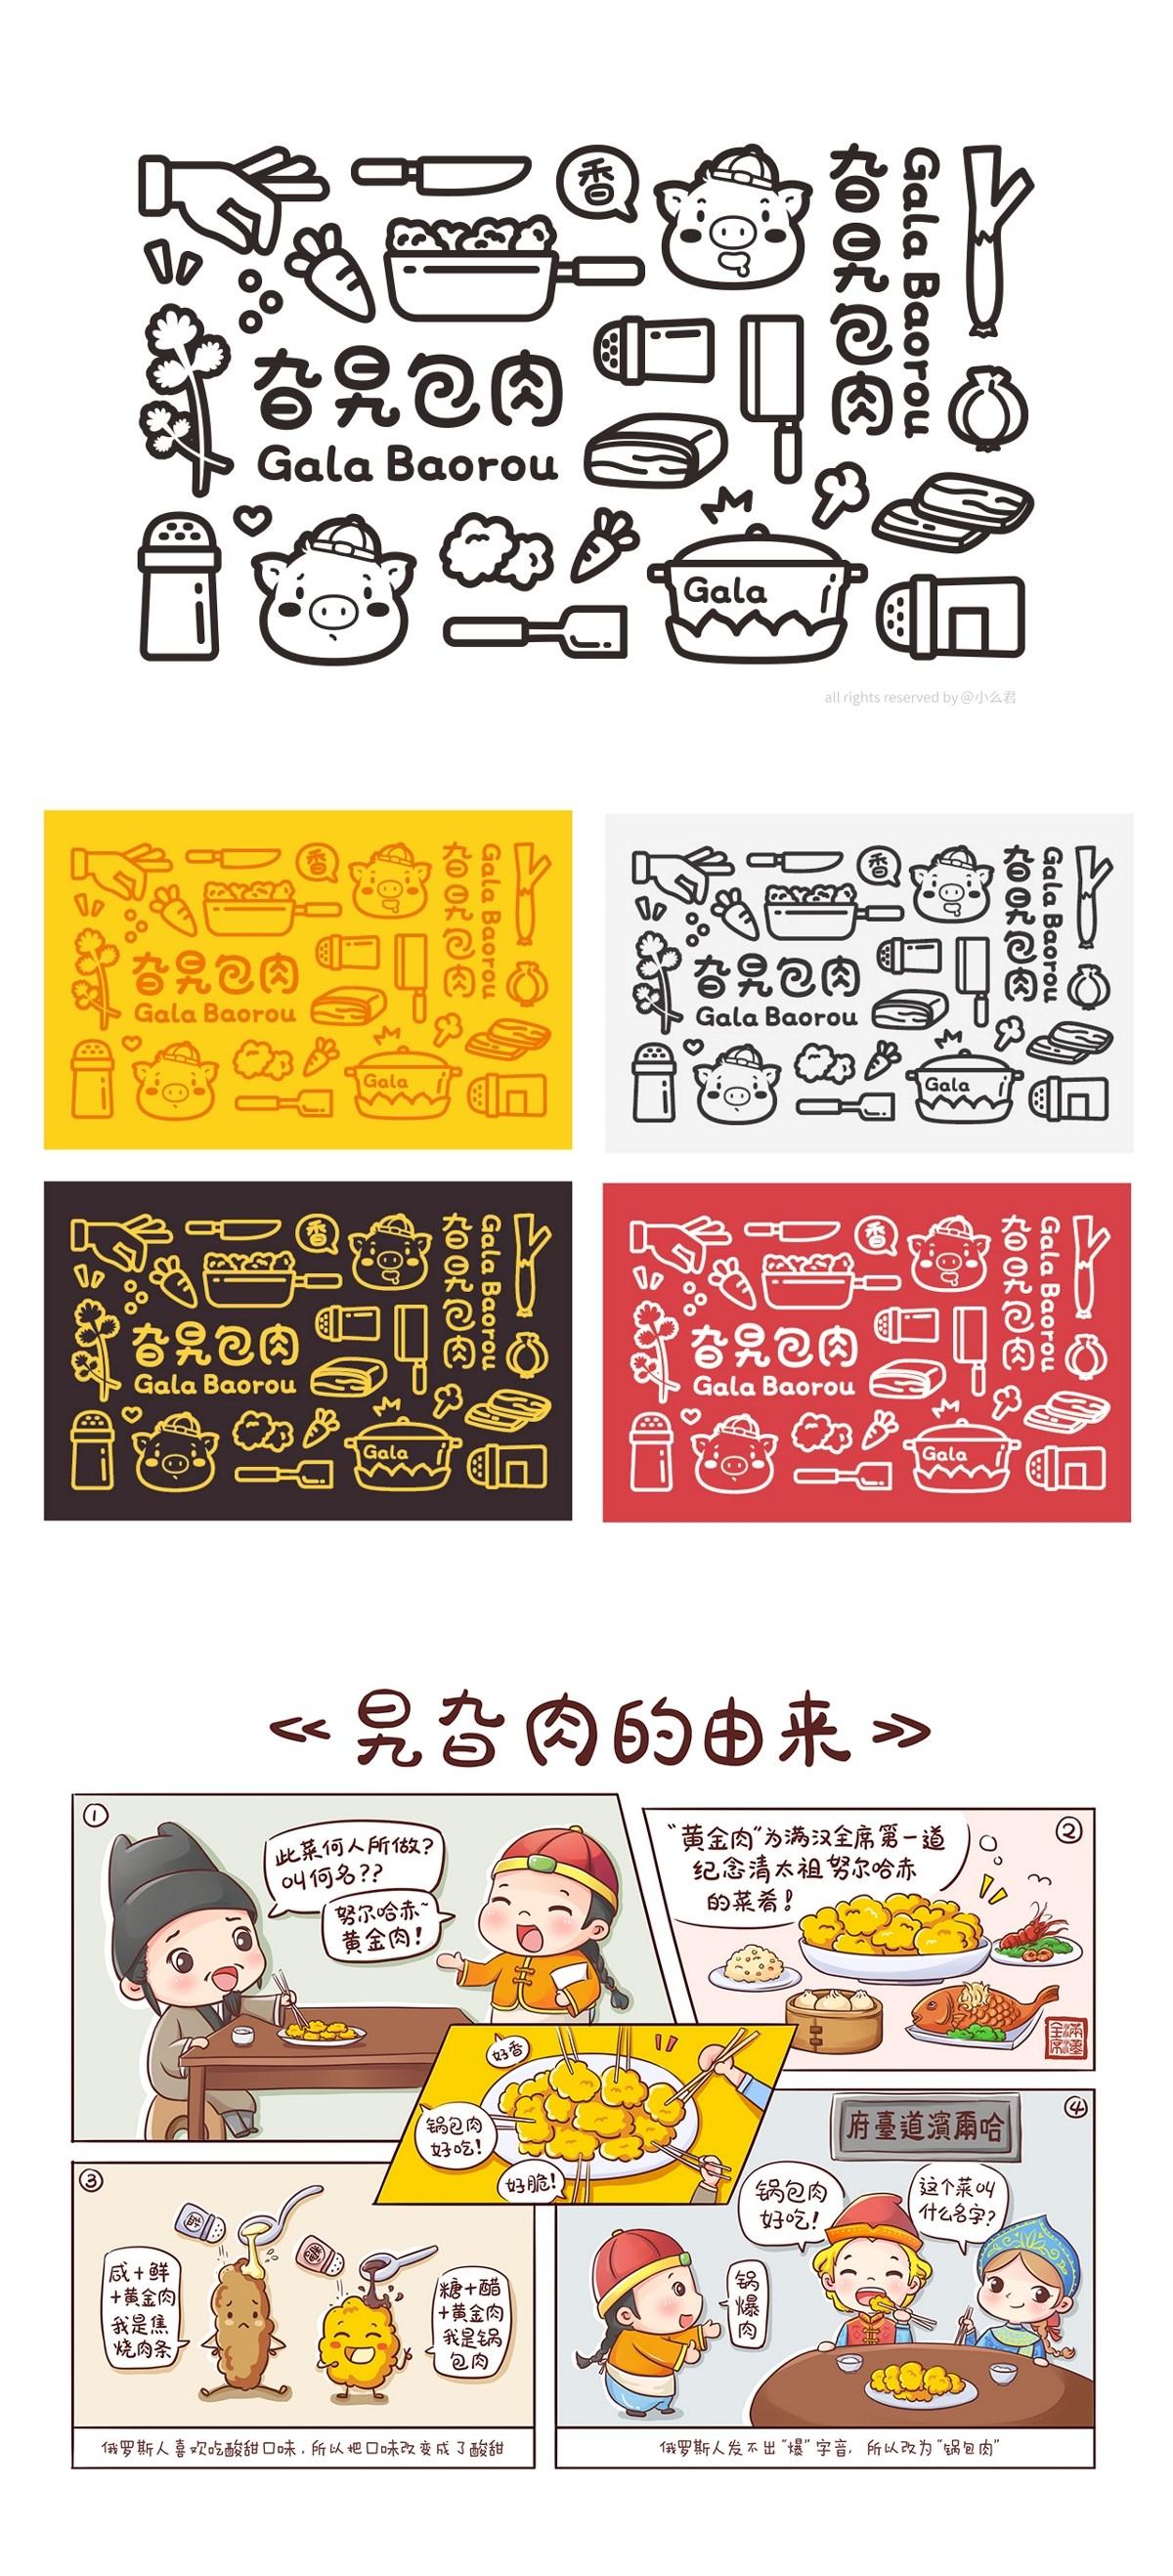 锅包肉品牌/旮旯包肉-品牌形象